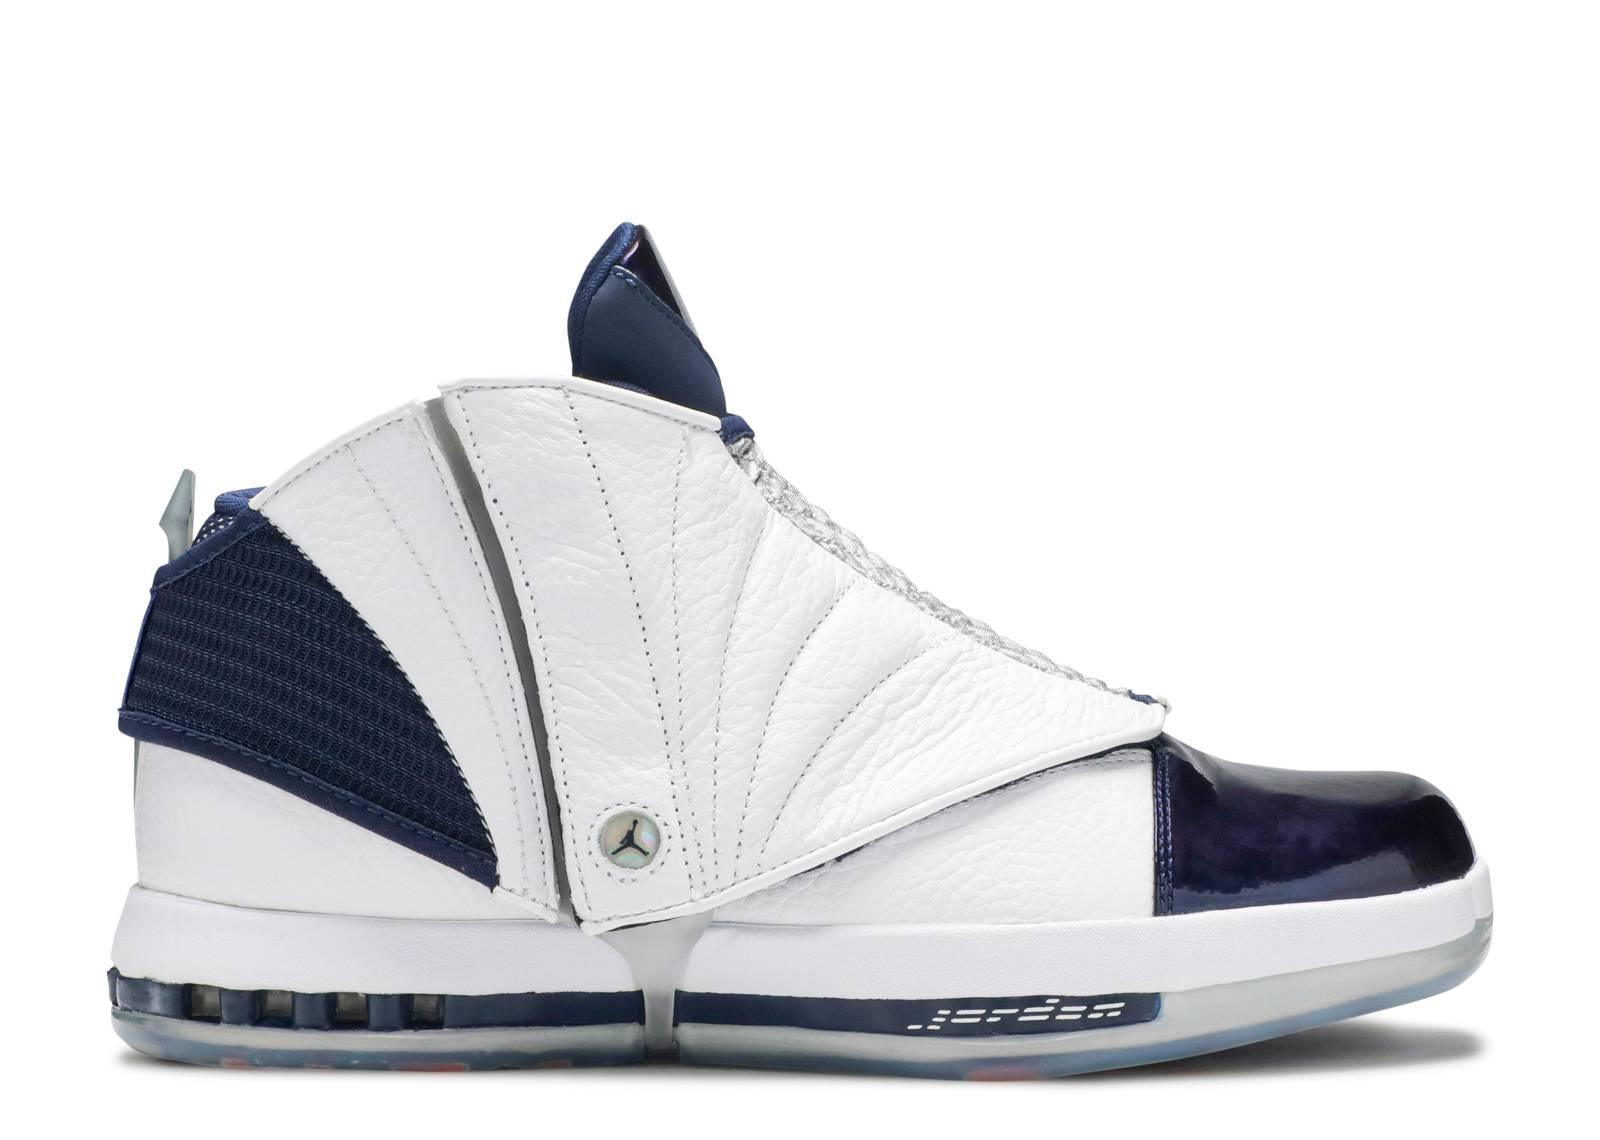 sitios web baratas Mejor vendido Nike Air Jordan 16 Retro envío libre confiable grandes ofertas CbhJY8cqWM